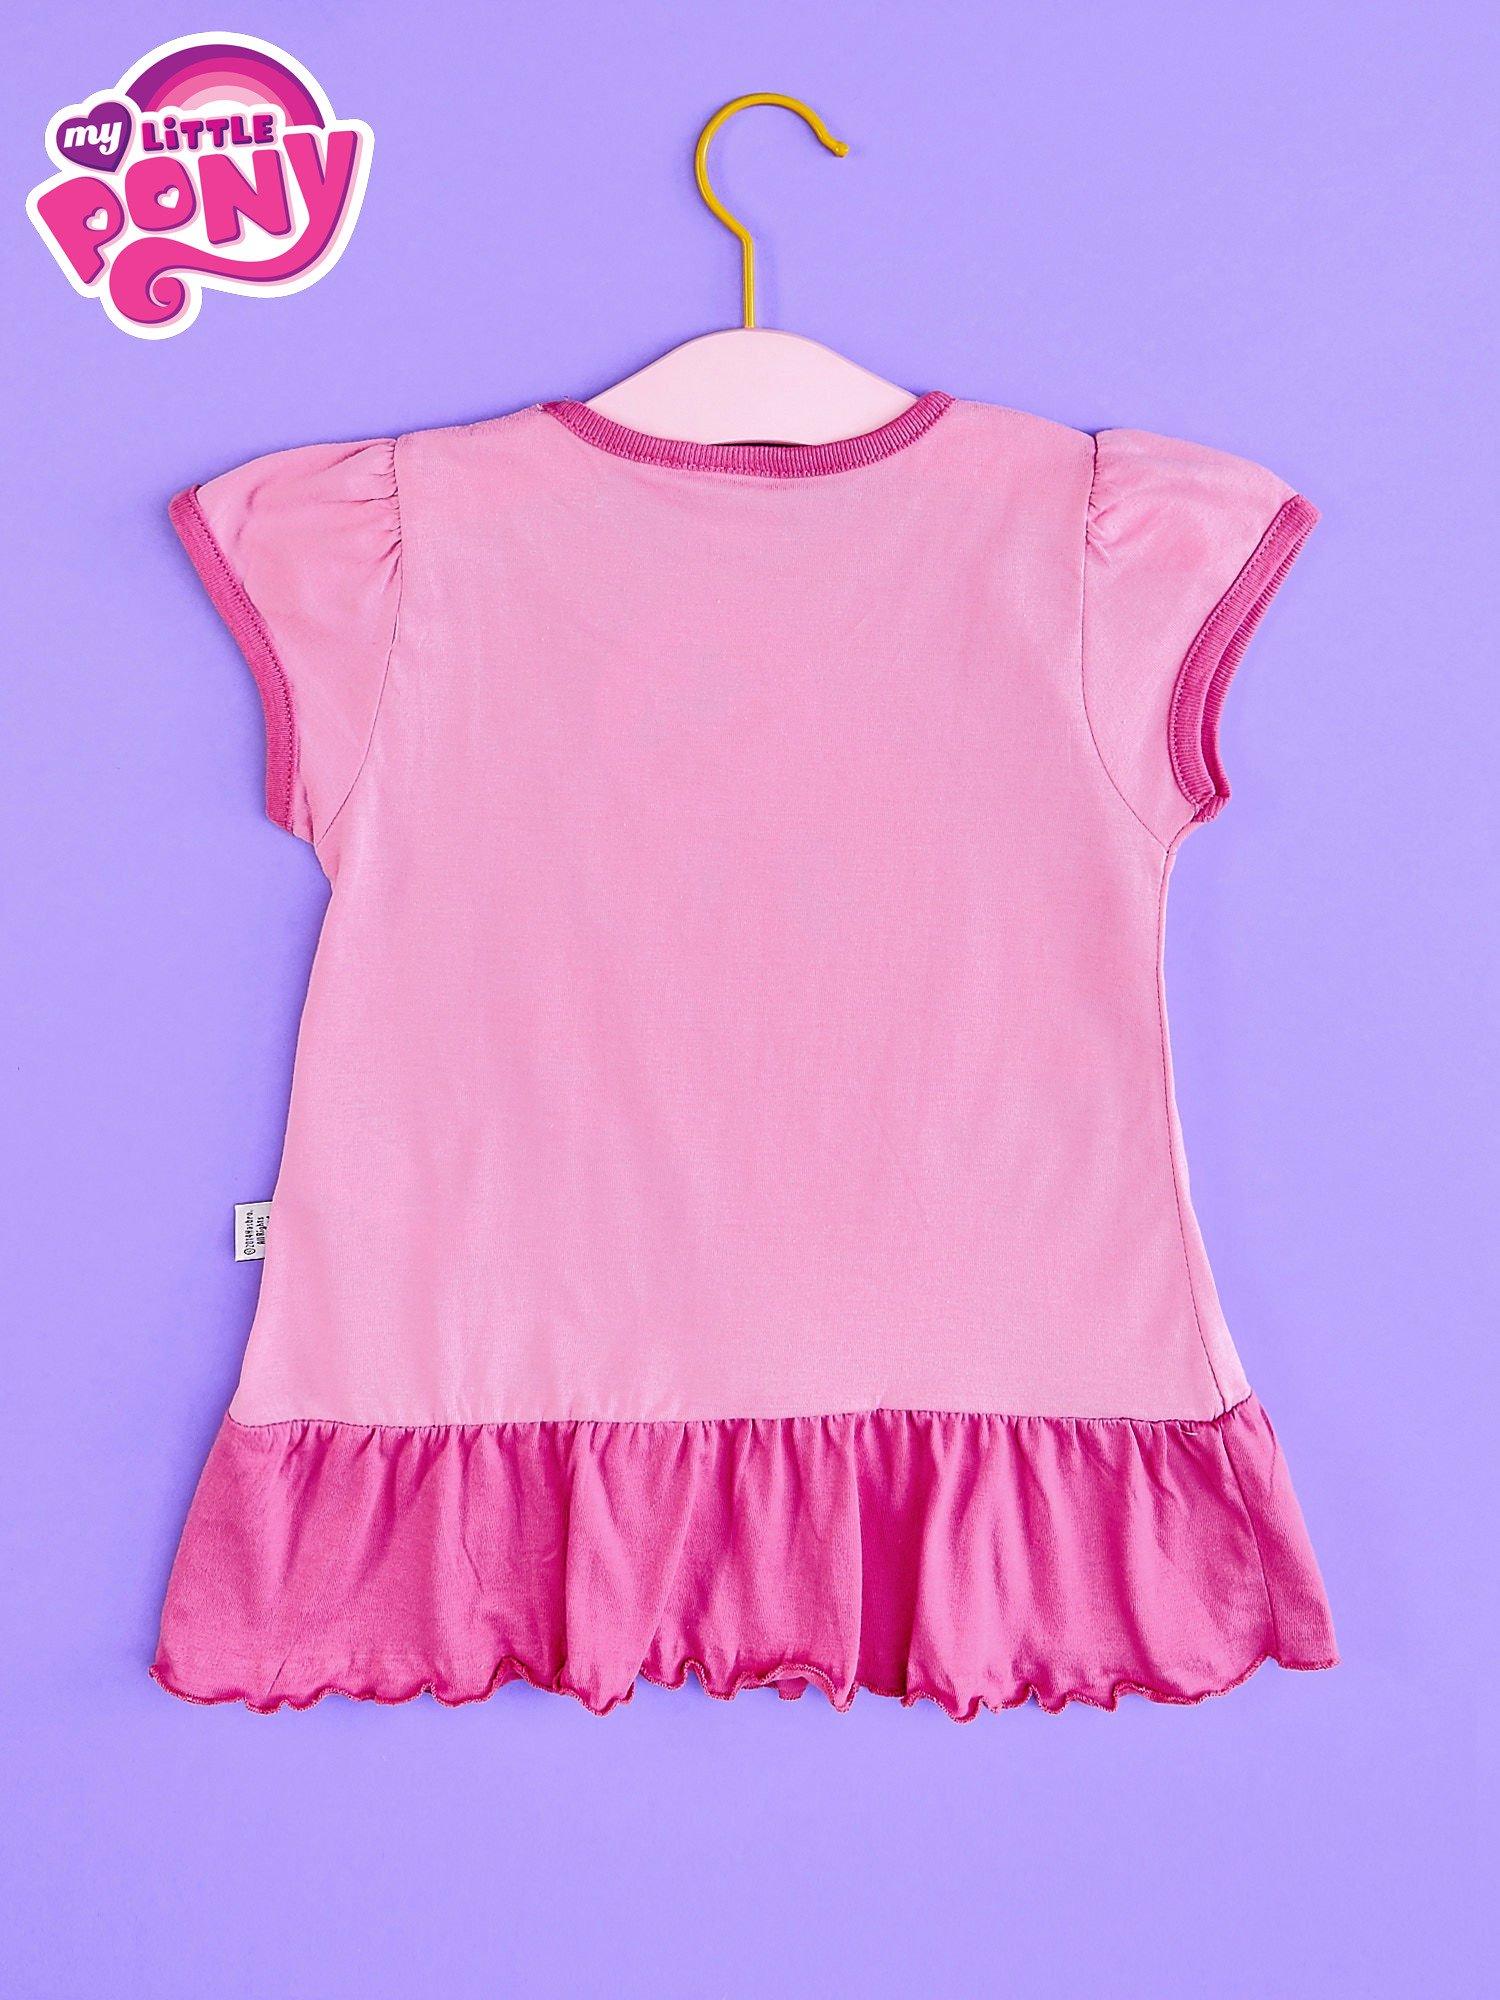 Różowa tunika dla dziewczynki MY LITTLE PONY z kokardką                                  zdj.                                  2